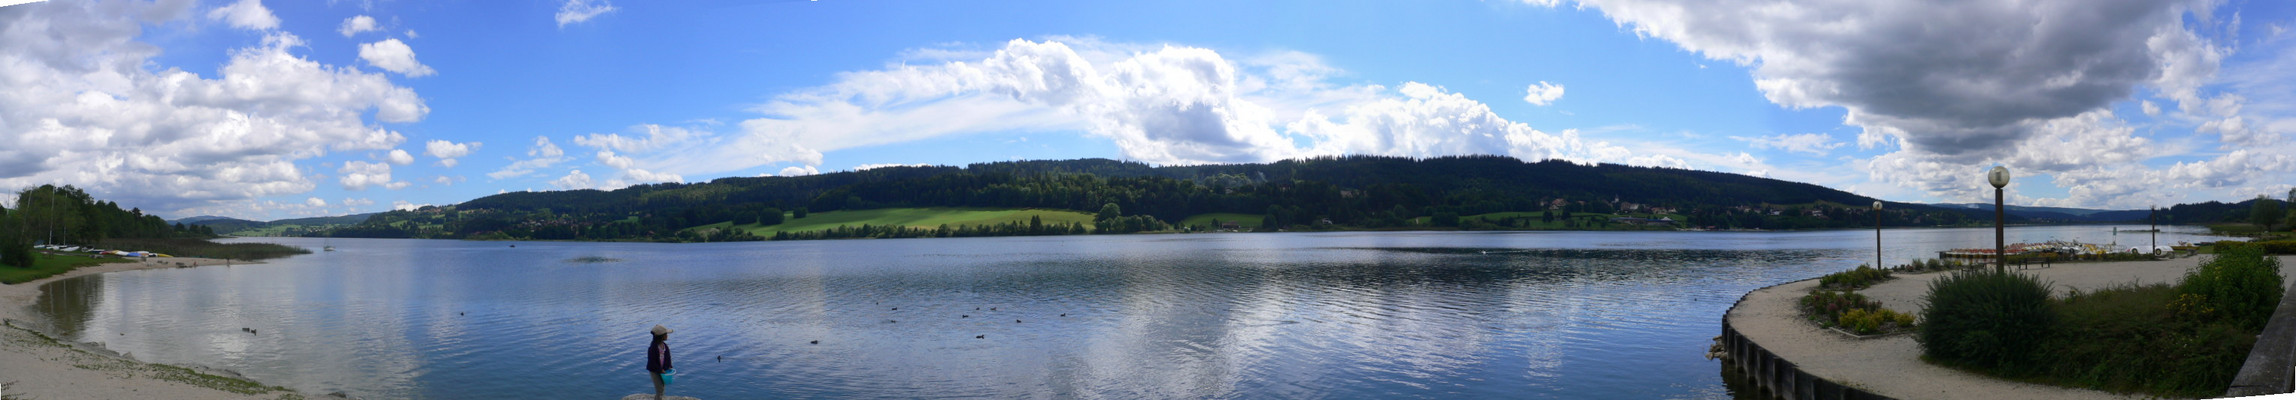 Le lac St point